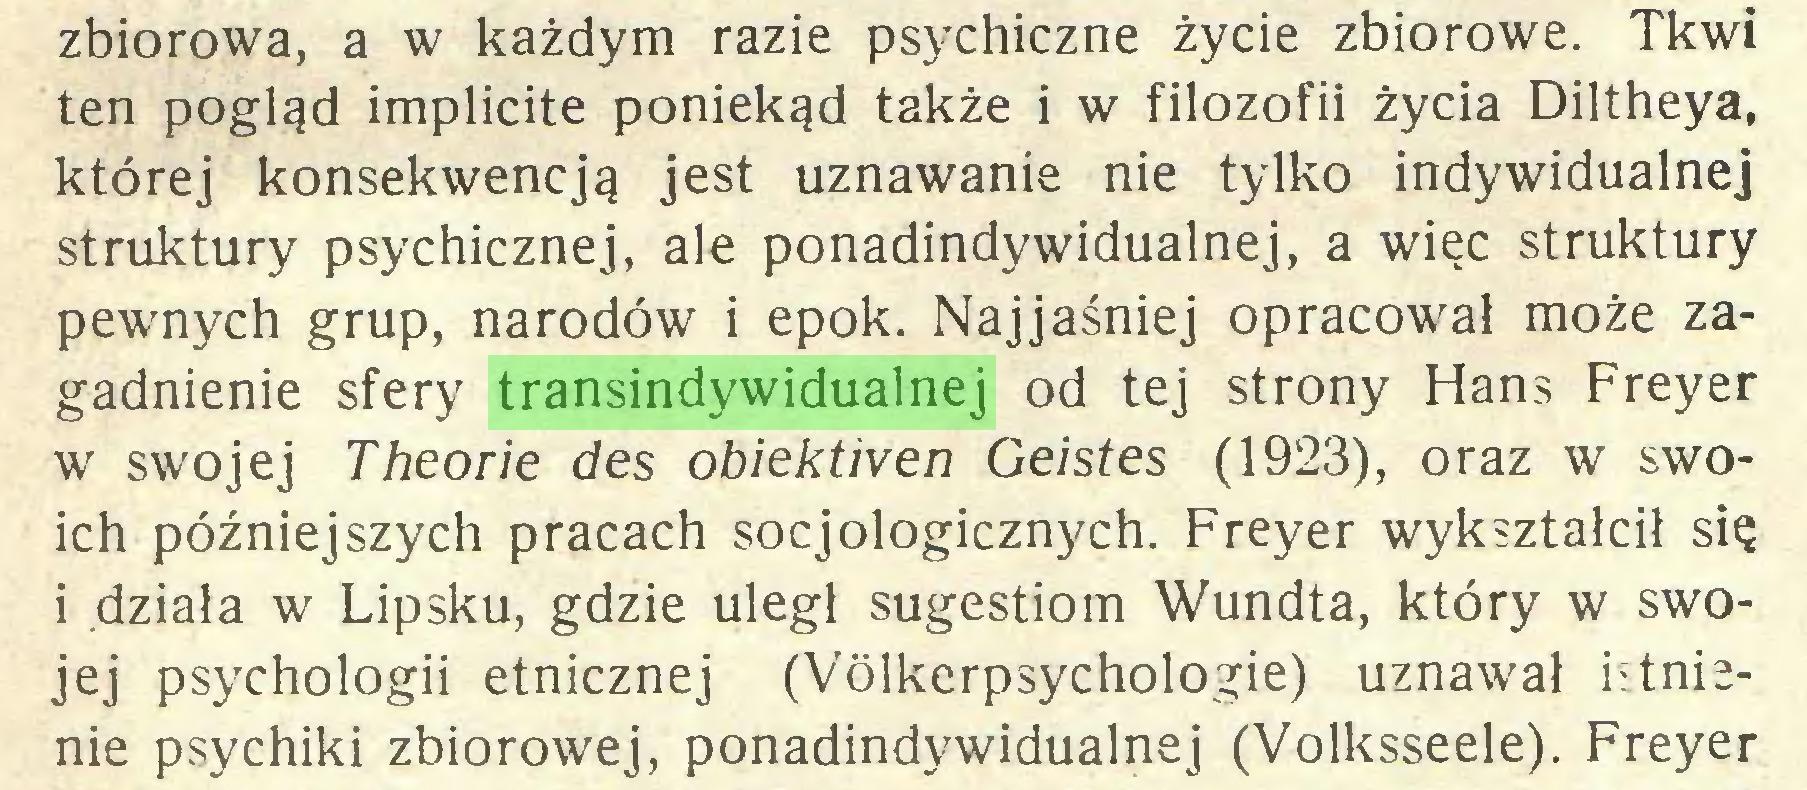 (...) zbiorowa, a w każdym razie psychiczne życie zbiorowe. Tkwi ten pogląd implicite poniekąd także i w filozofii życia Diltheya, której konsekwencją jest uznawanie nie tylko indywidualnej struktury psychicznej, ale ponadindywidualnej, a więc struktury pewnych grup, narodów i epok. Najjaśniej opracował może zagadnienie sfery transindywidualnej od tej strony Hans Freyer w swojej Theorie des obiektiven Geistes (1923), oraz w swoich późniejszych pracach socjologicznych. Freyer wykształcił się i działa w Lipsku, gdzie uległ sugestiom Wundta, który w swojej psychologii etnicznej (Vólkerpsychologie) uznawał istnienie psychiki zbiorowej, ponadindywidualnej (Volksseele). Freyer...